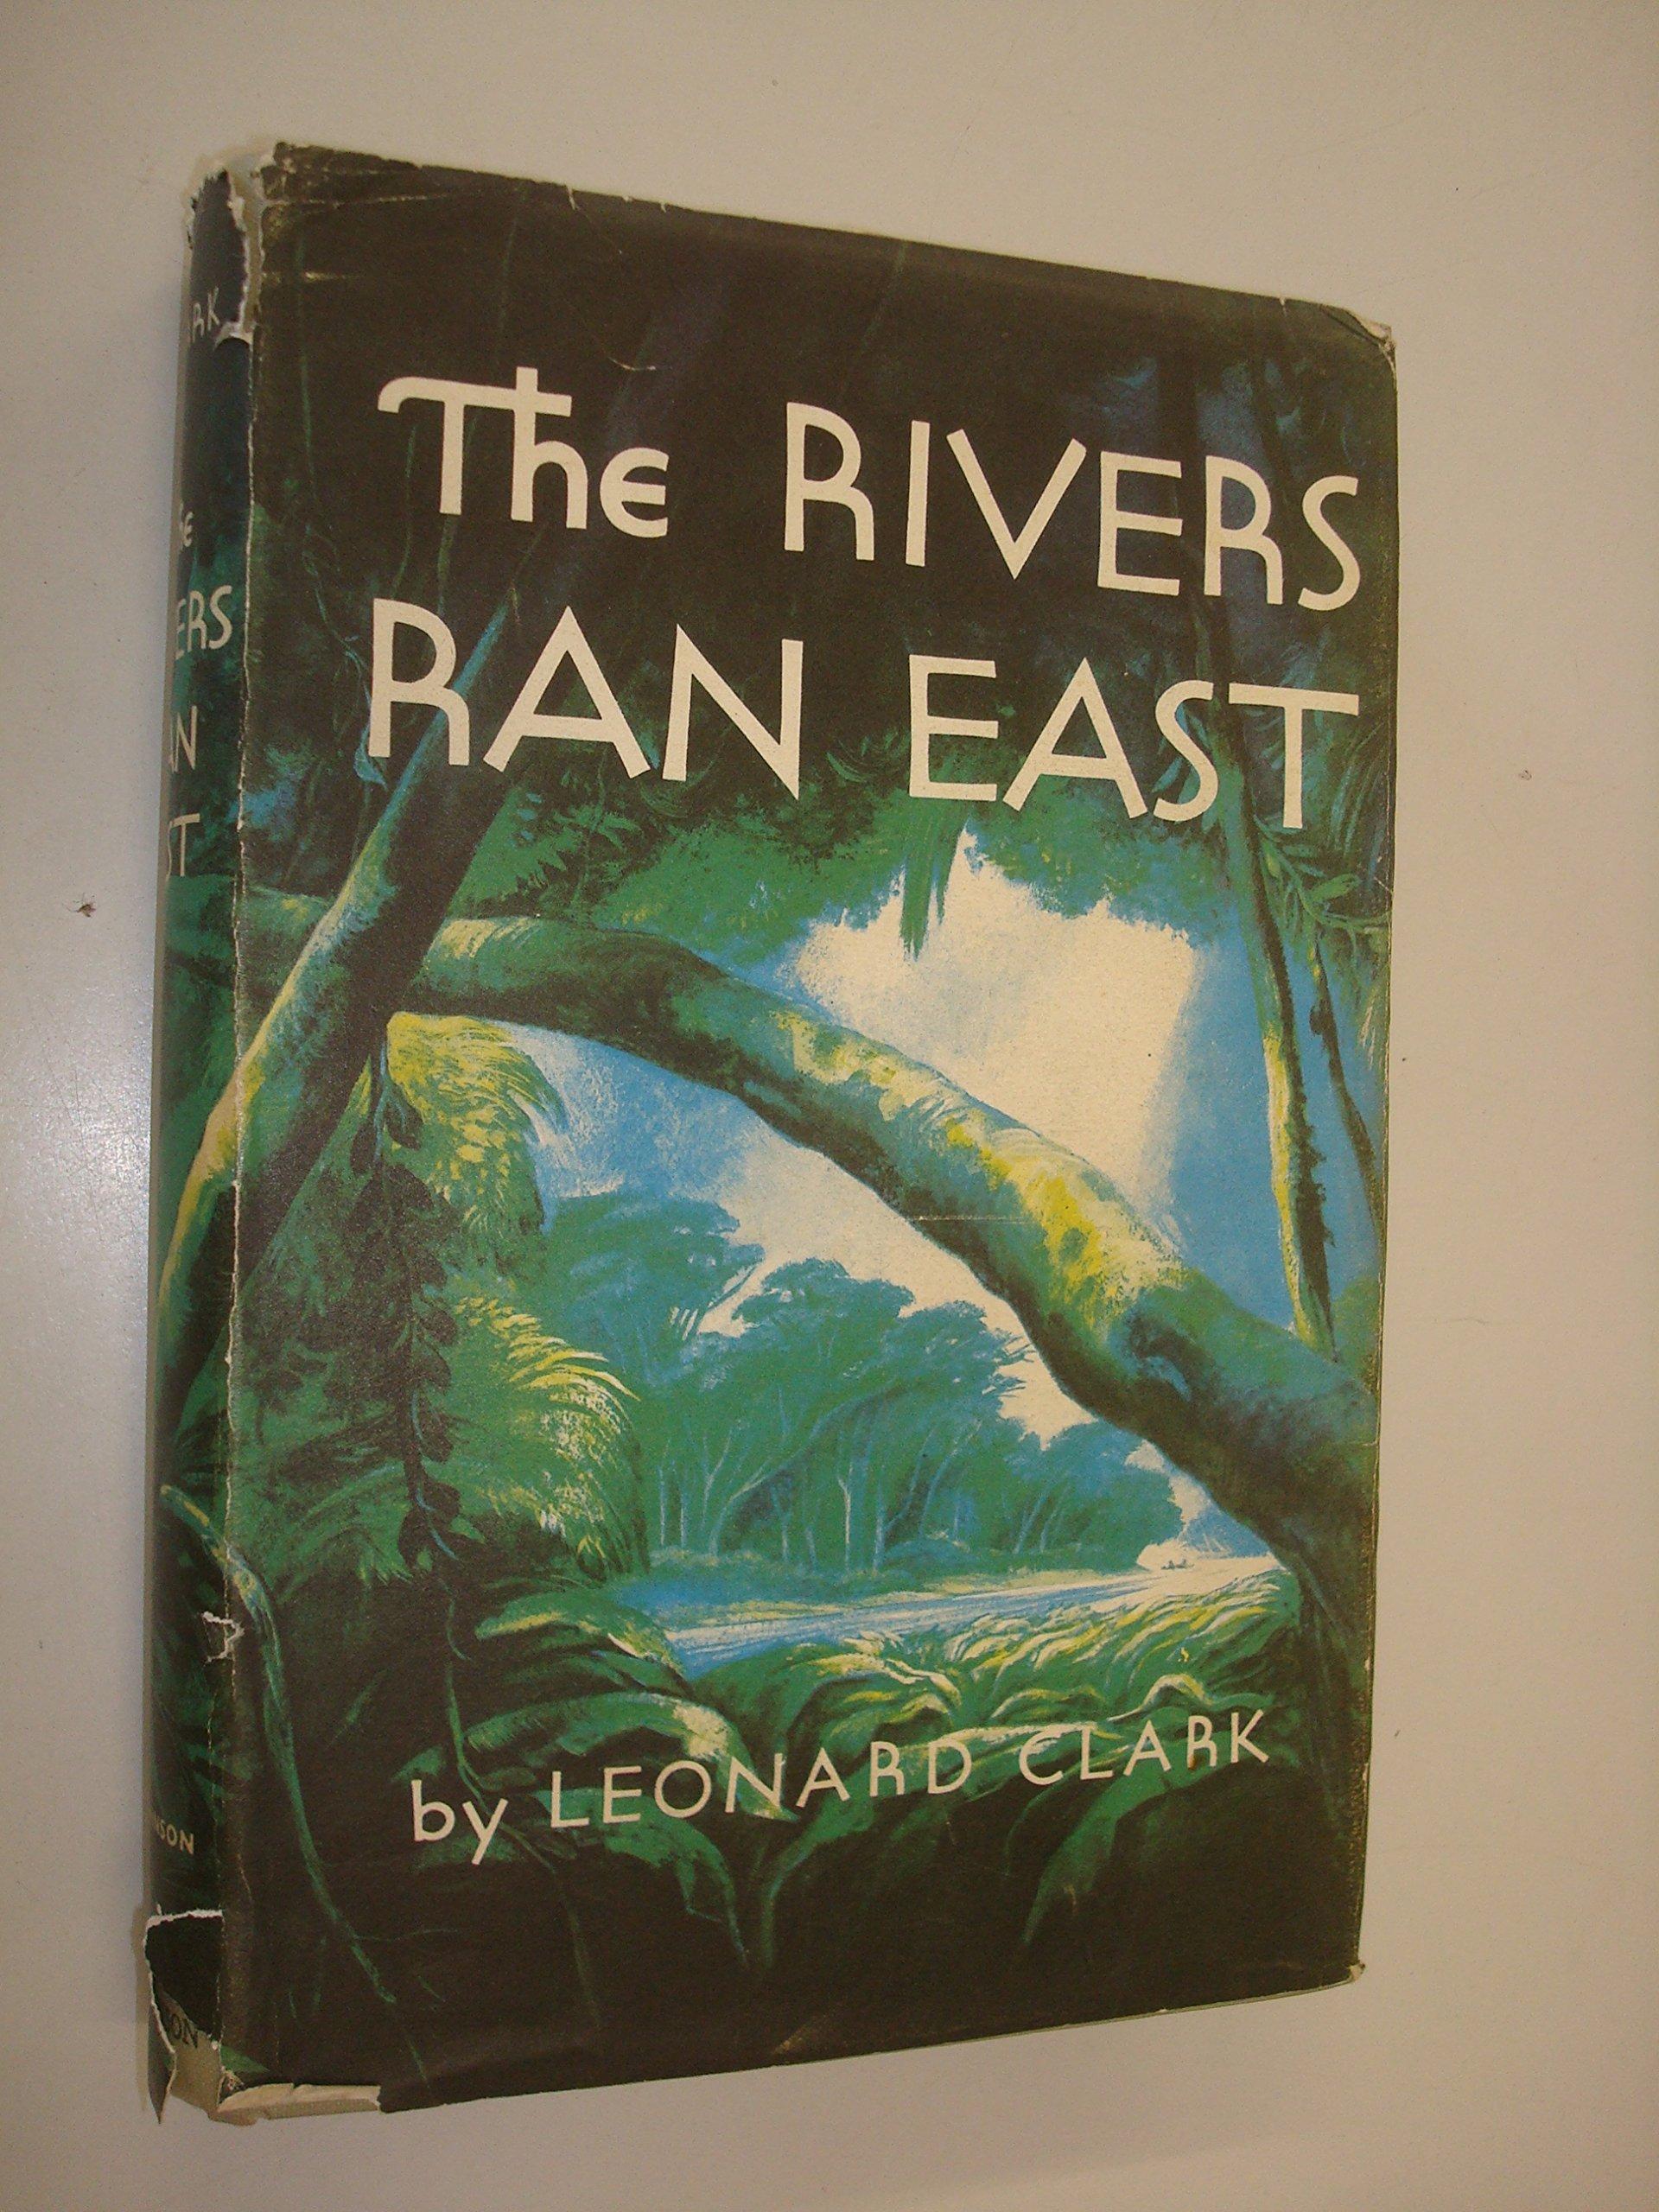 Αποτέλεσμα εικόνας για The Rivers Ran East by Leonard Clark